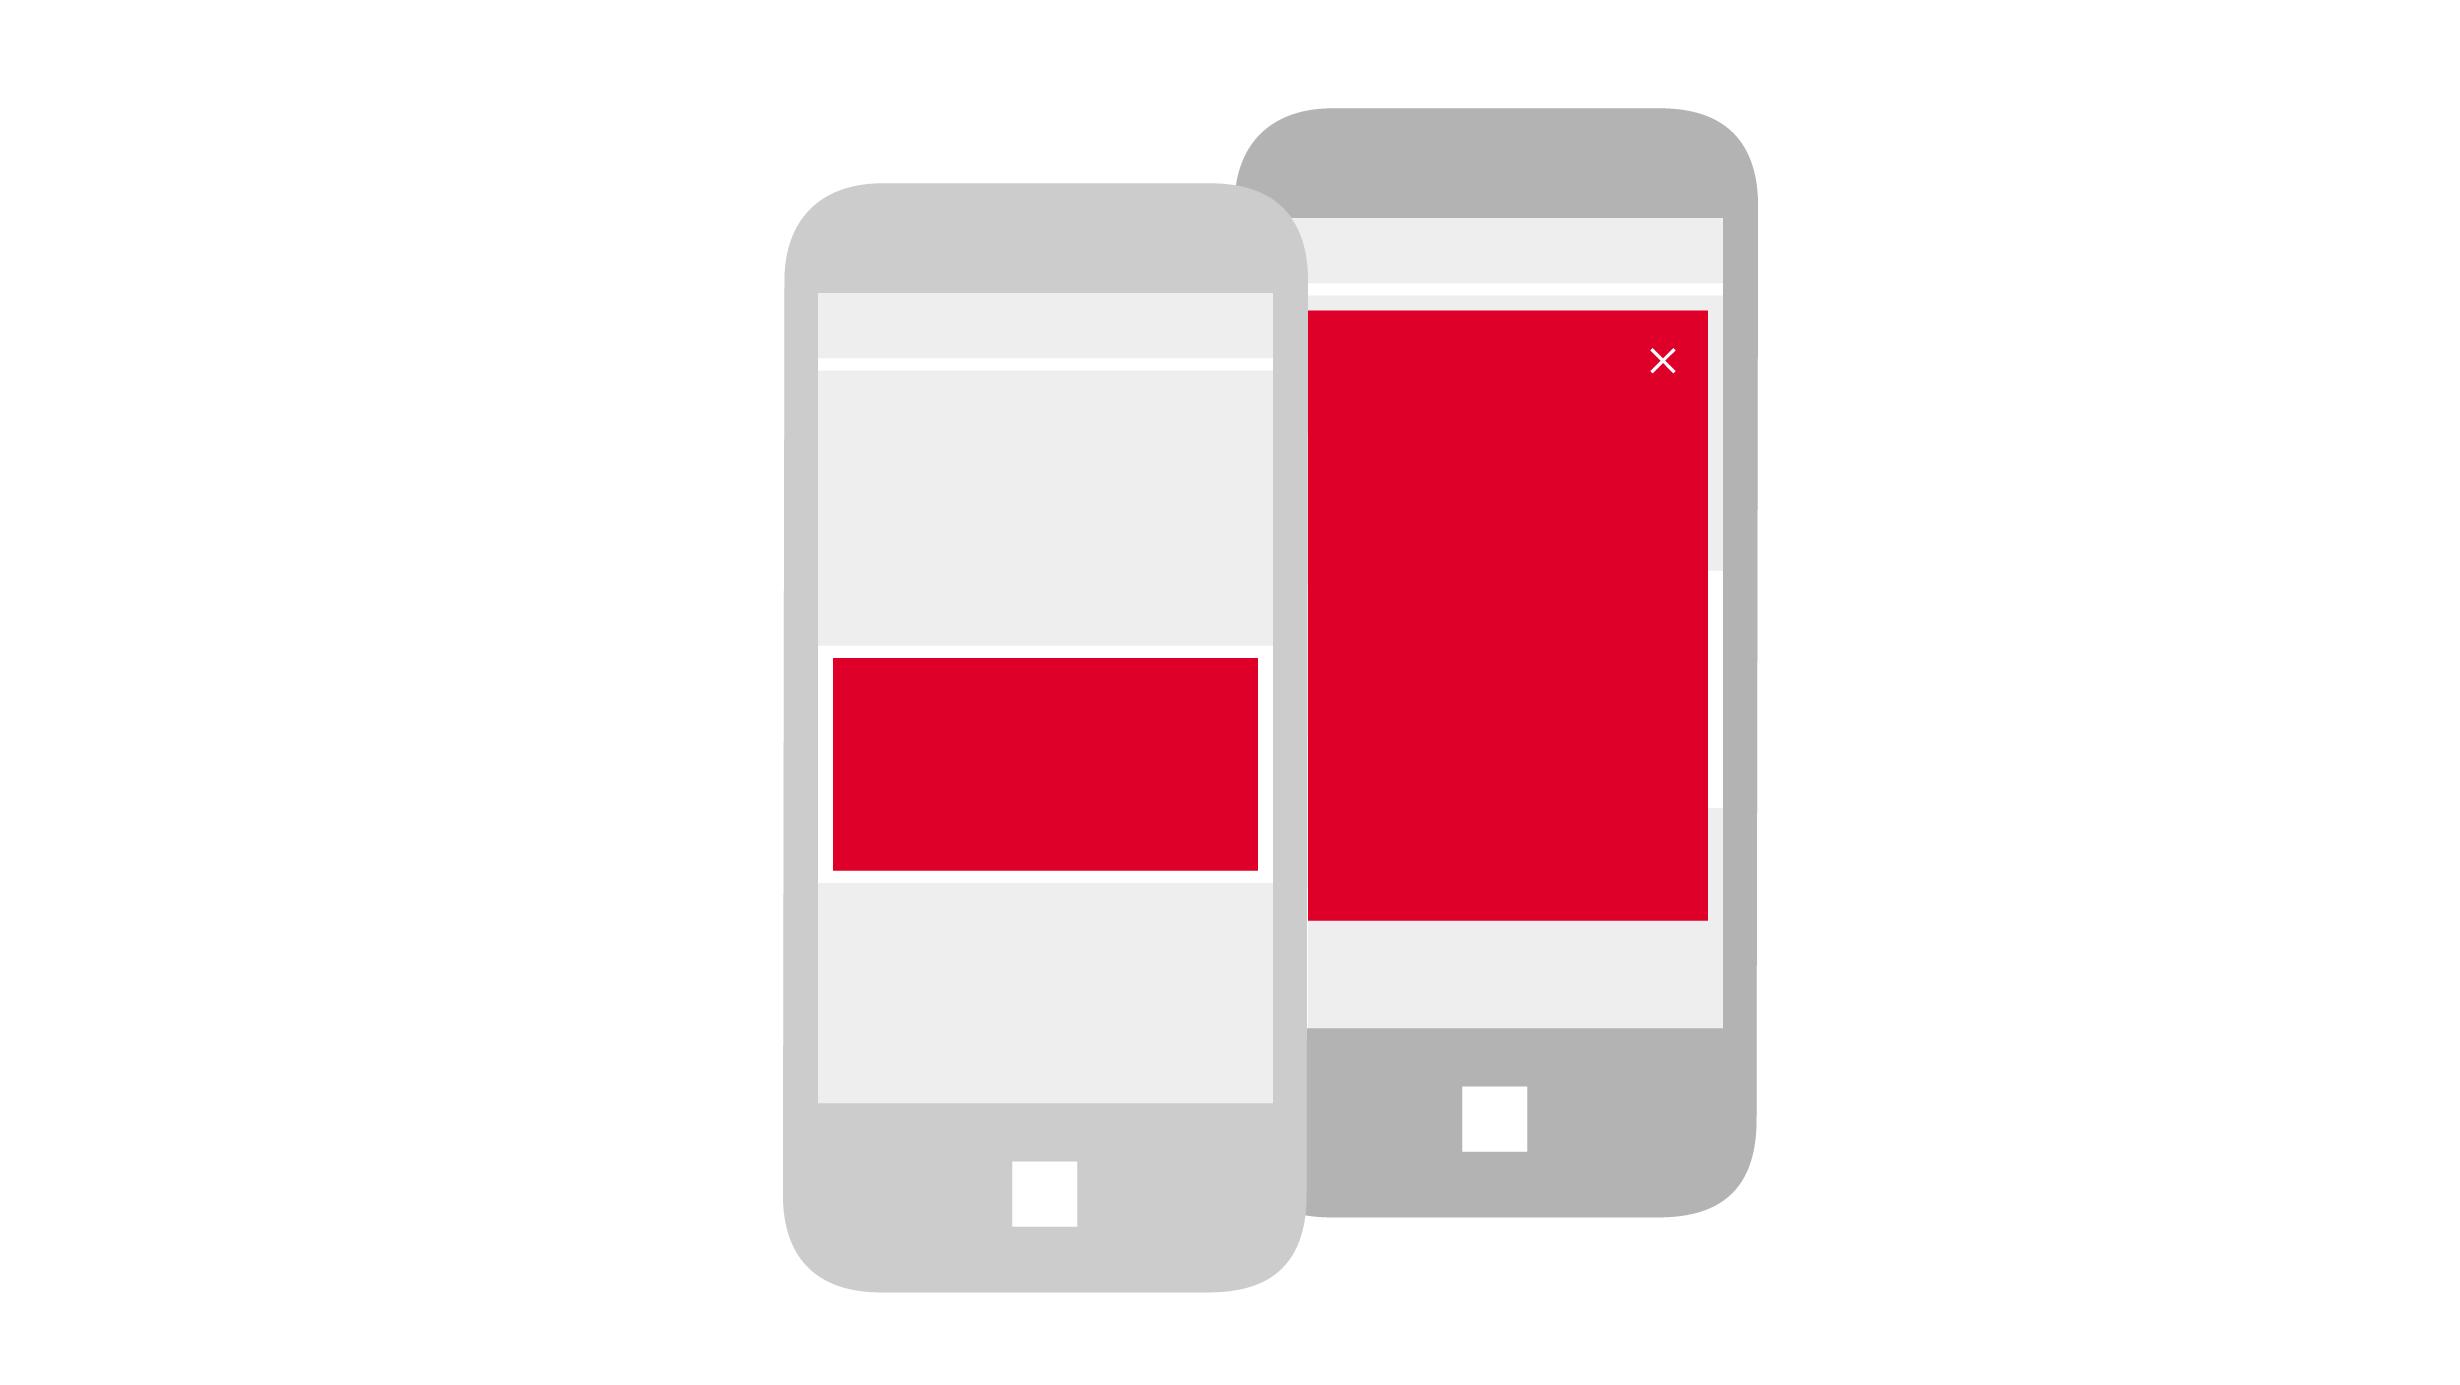 Mobile Interstitial + Content Ad